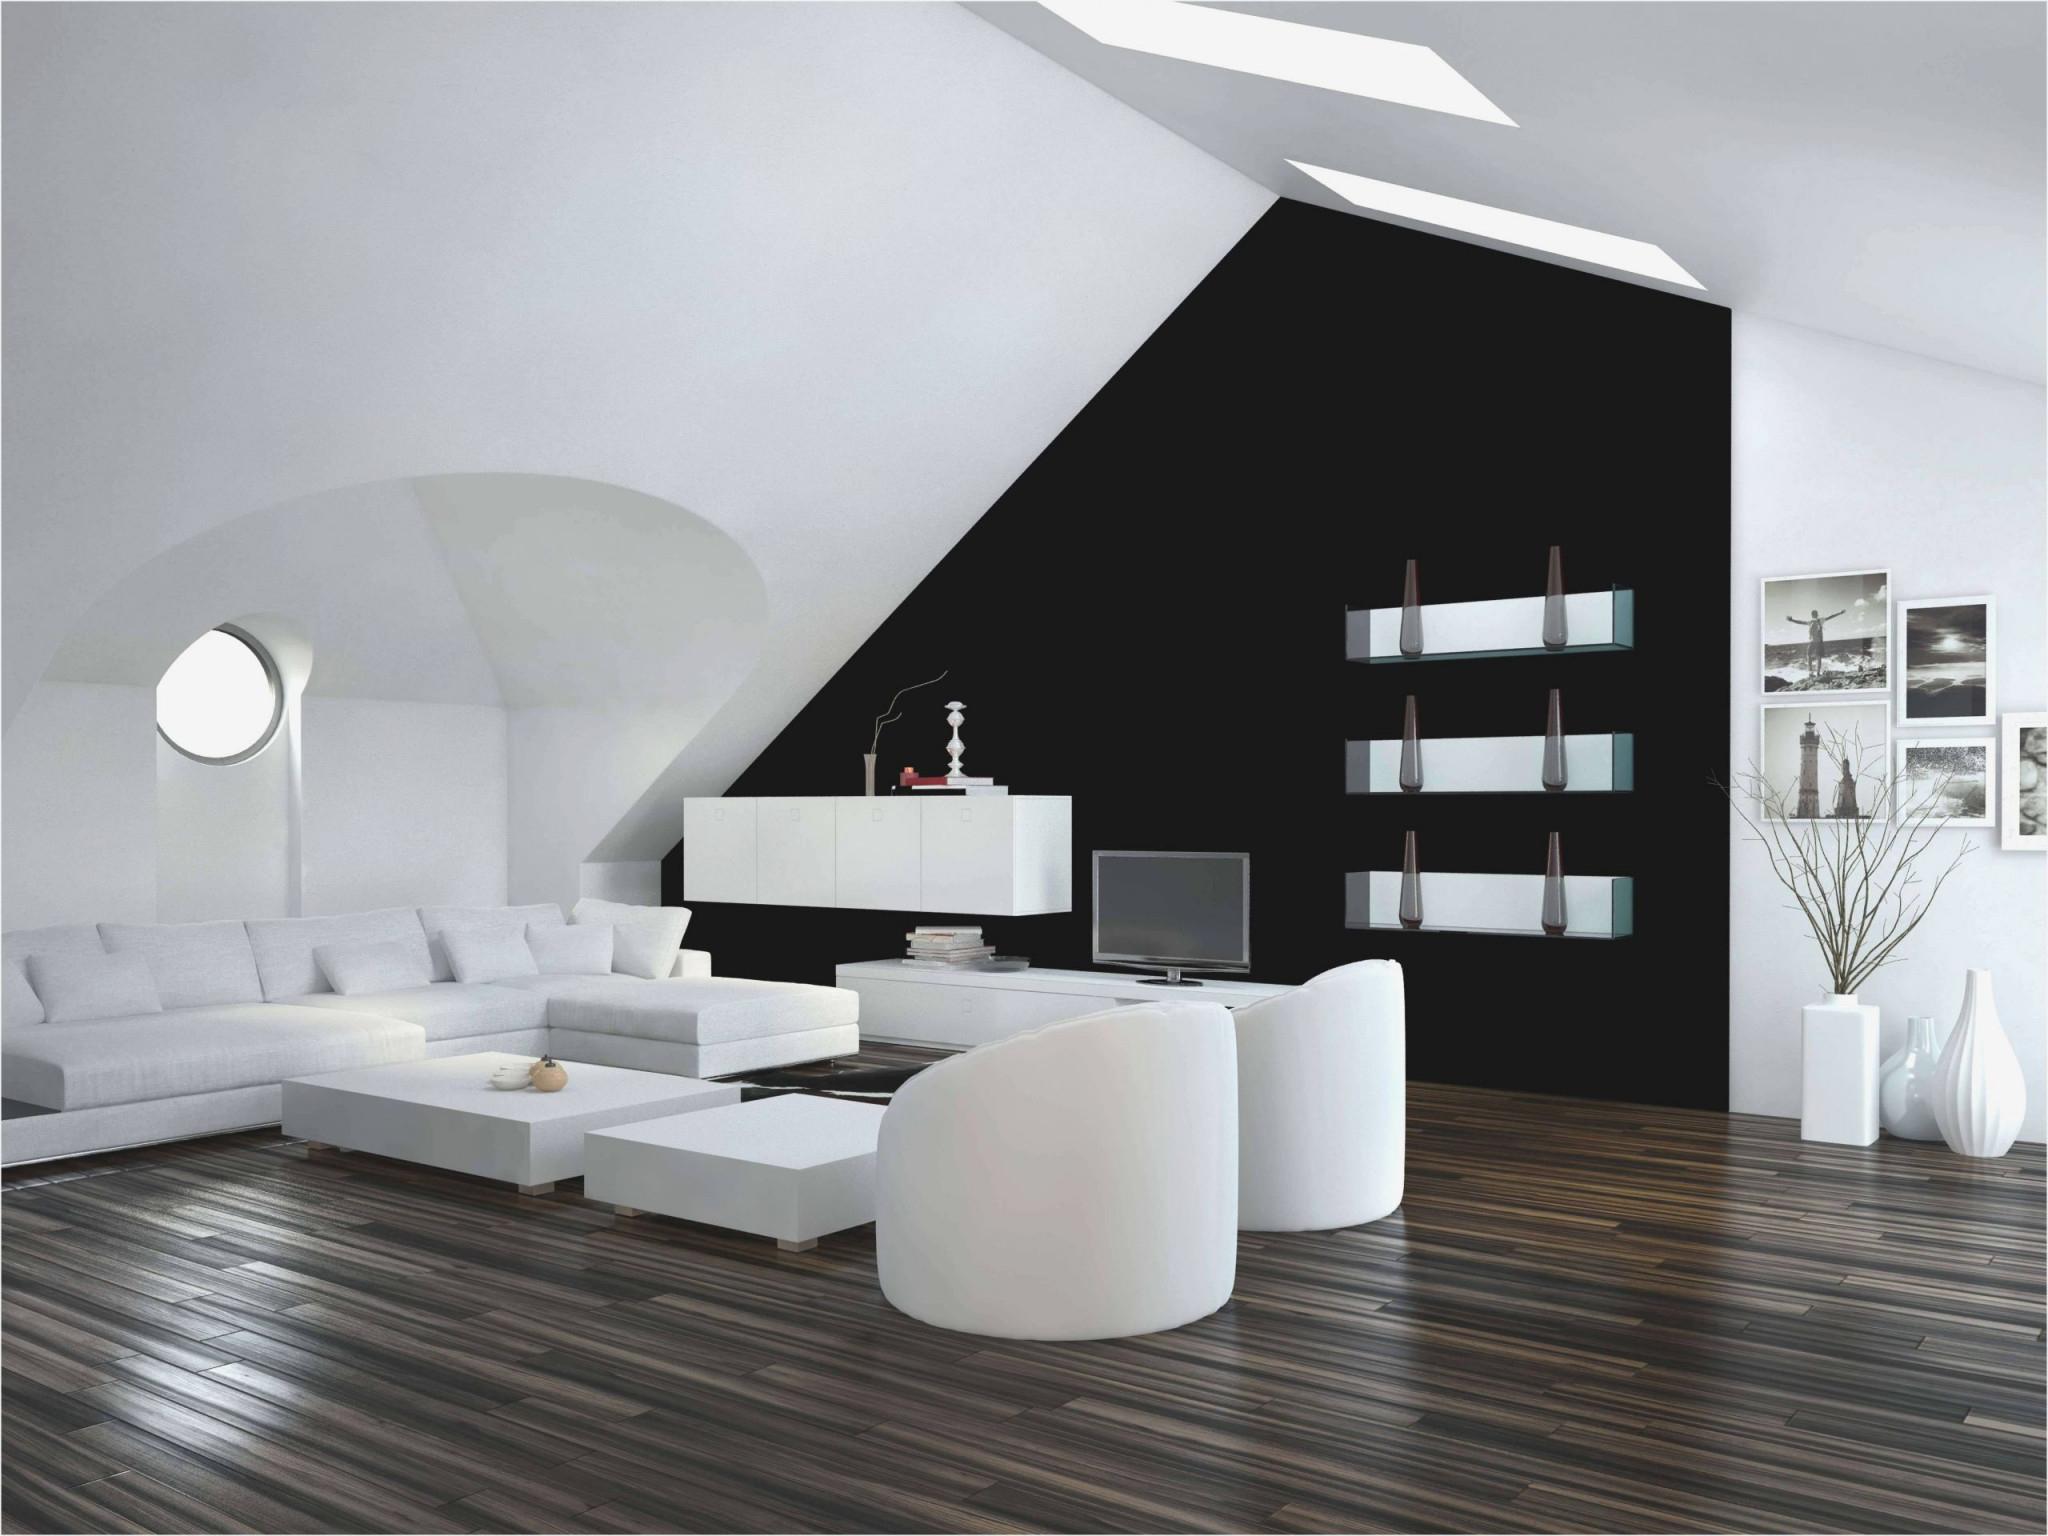 Deko Mobile Wohnzimmer  Wohnzimmer  Traumhaus Dekoration von Deko Mobile Wohnzimmer Bild